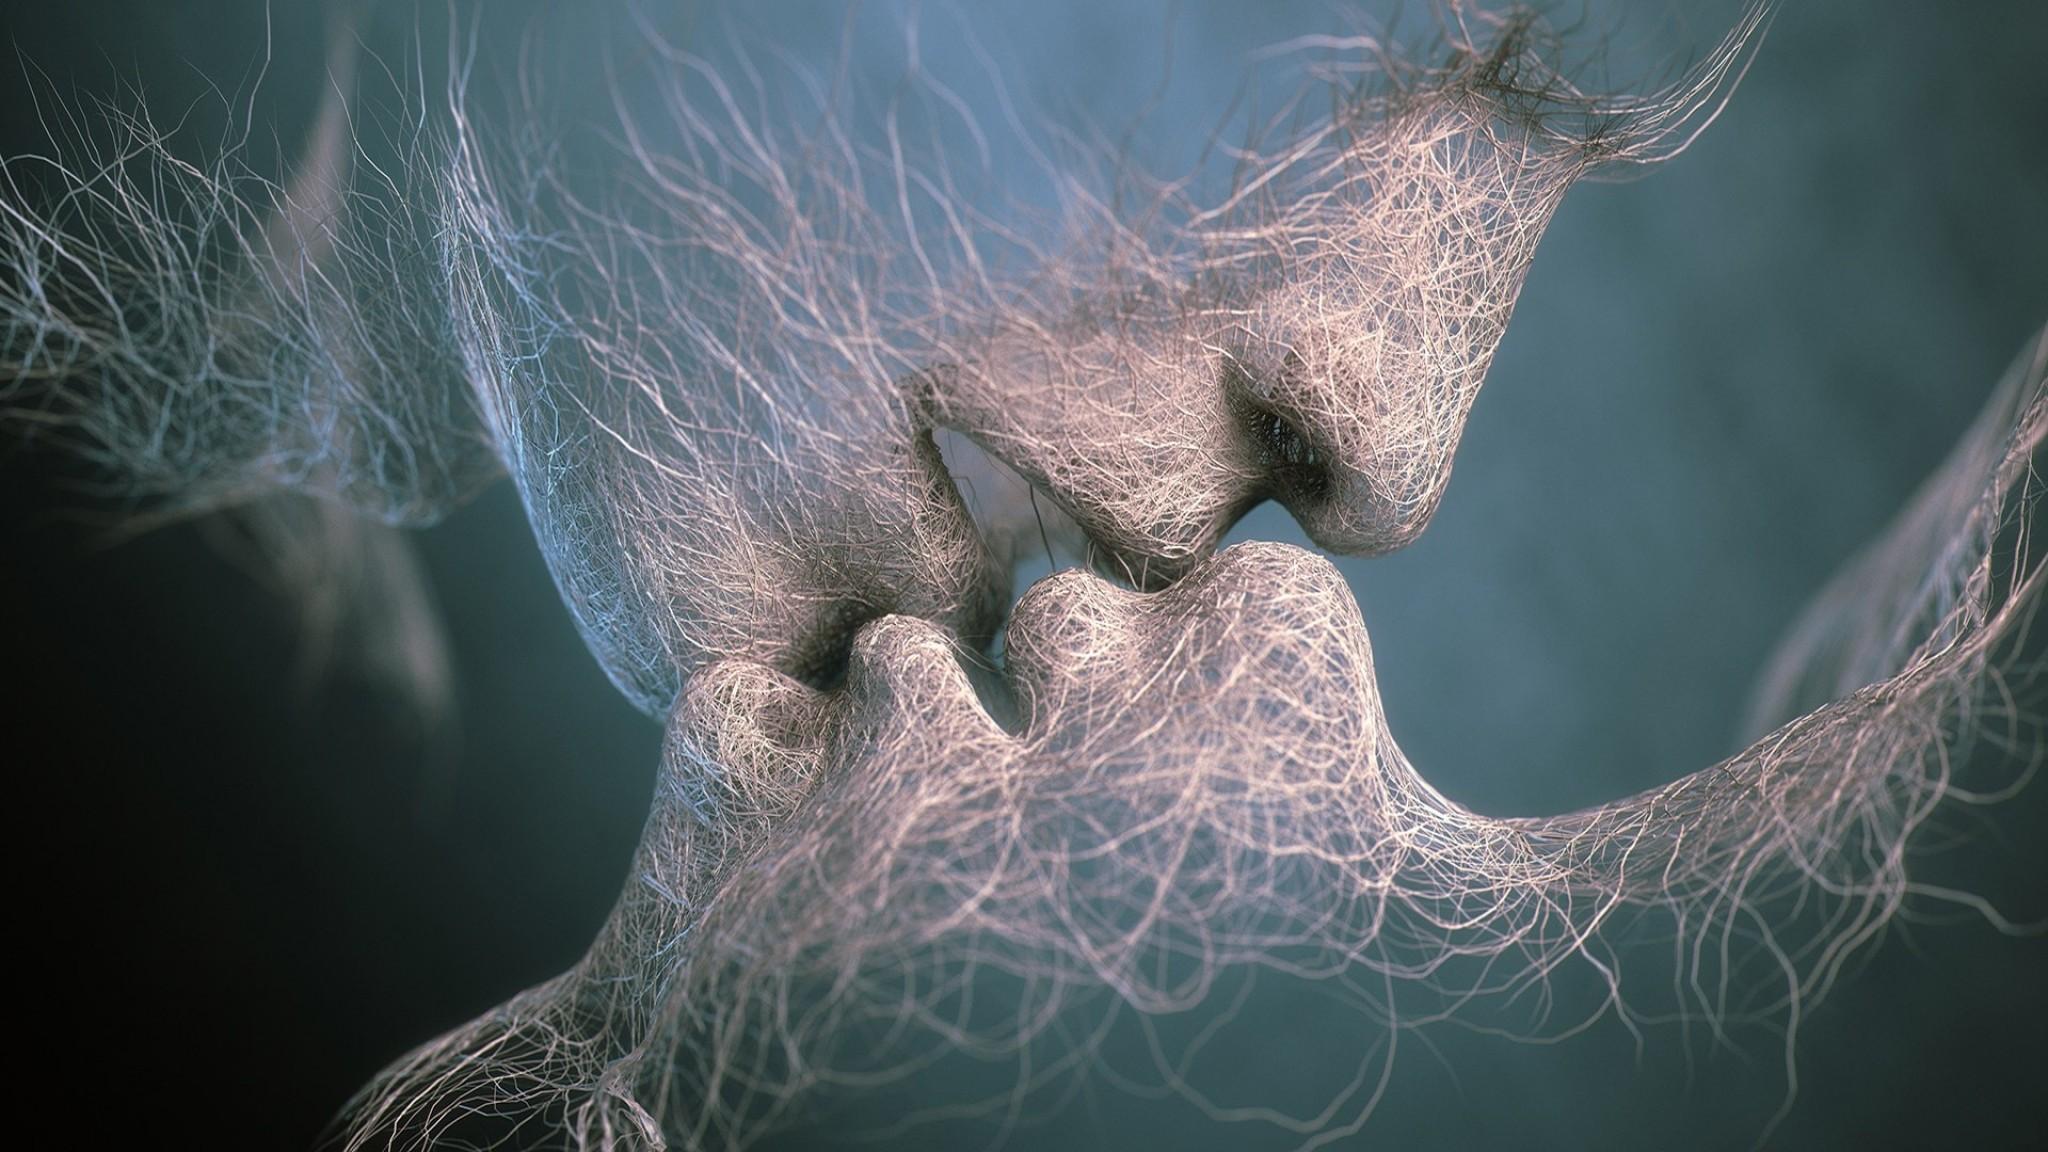 Man  Kiss  Woman  Adam  Art  Last Kiss  3D   Free HD  HD Wallpaper